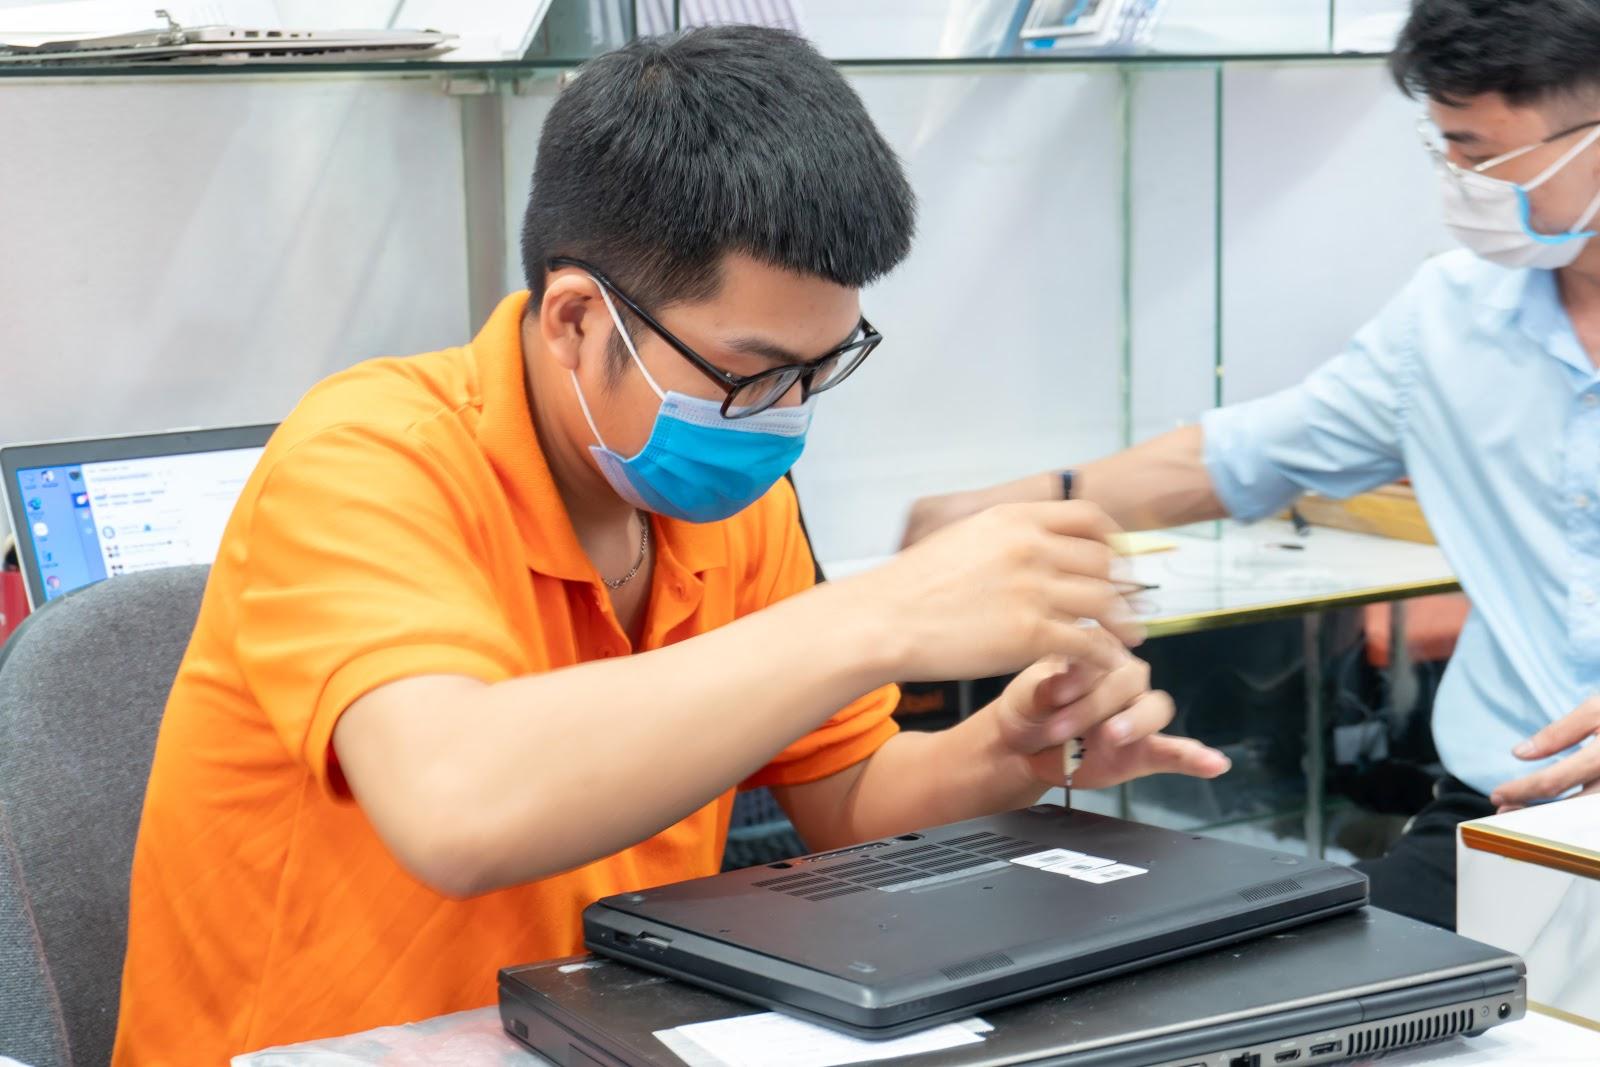 Sửa chữa laptop lấy liền Hồ Chí Minh chất lượng, tiết kiệm thời gian